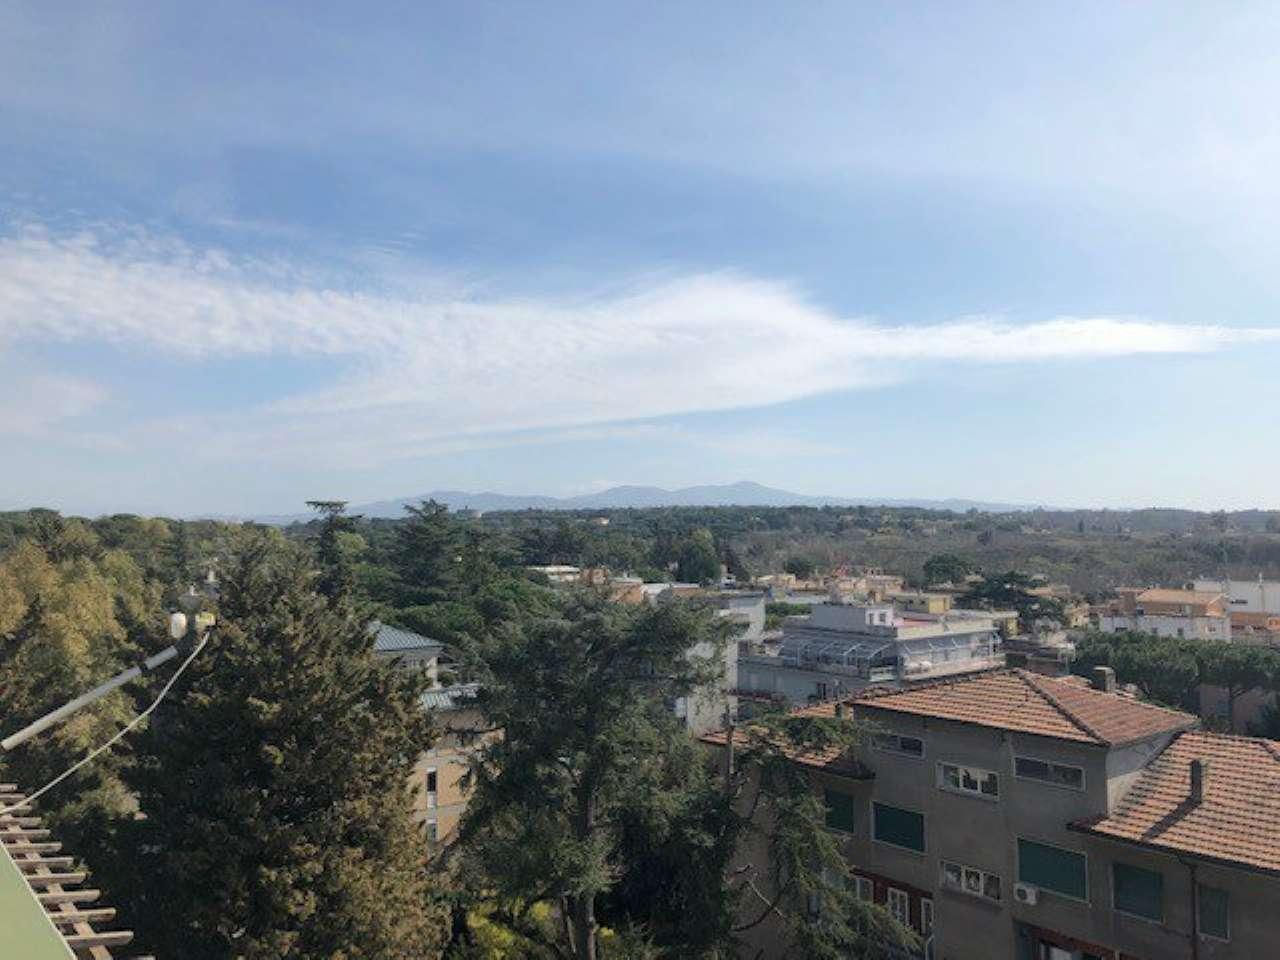 Attico / Mansarda in vendita a Roma, 2 locali, zona Zona: 18 . Ardeatino - Grotta Perfetta - Fonte Meravigliosa, prezzo € 239.000 | CambioCasa.it